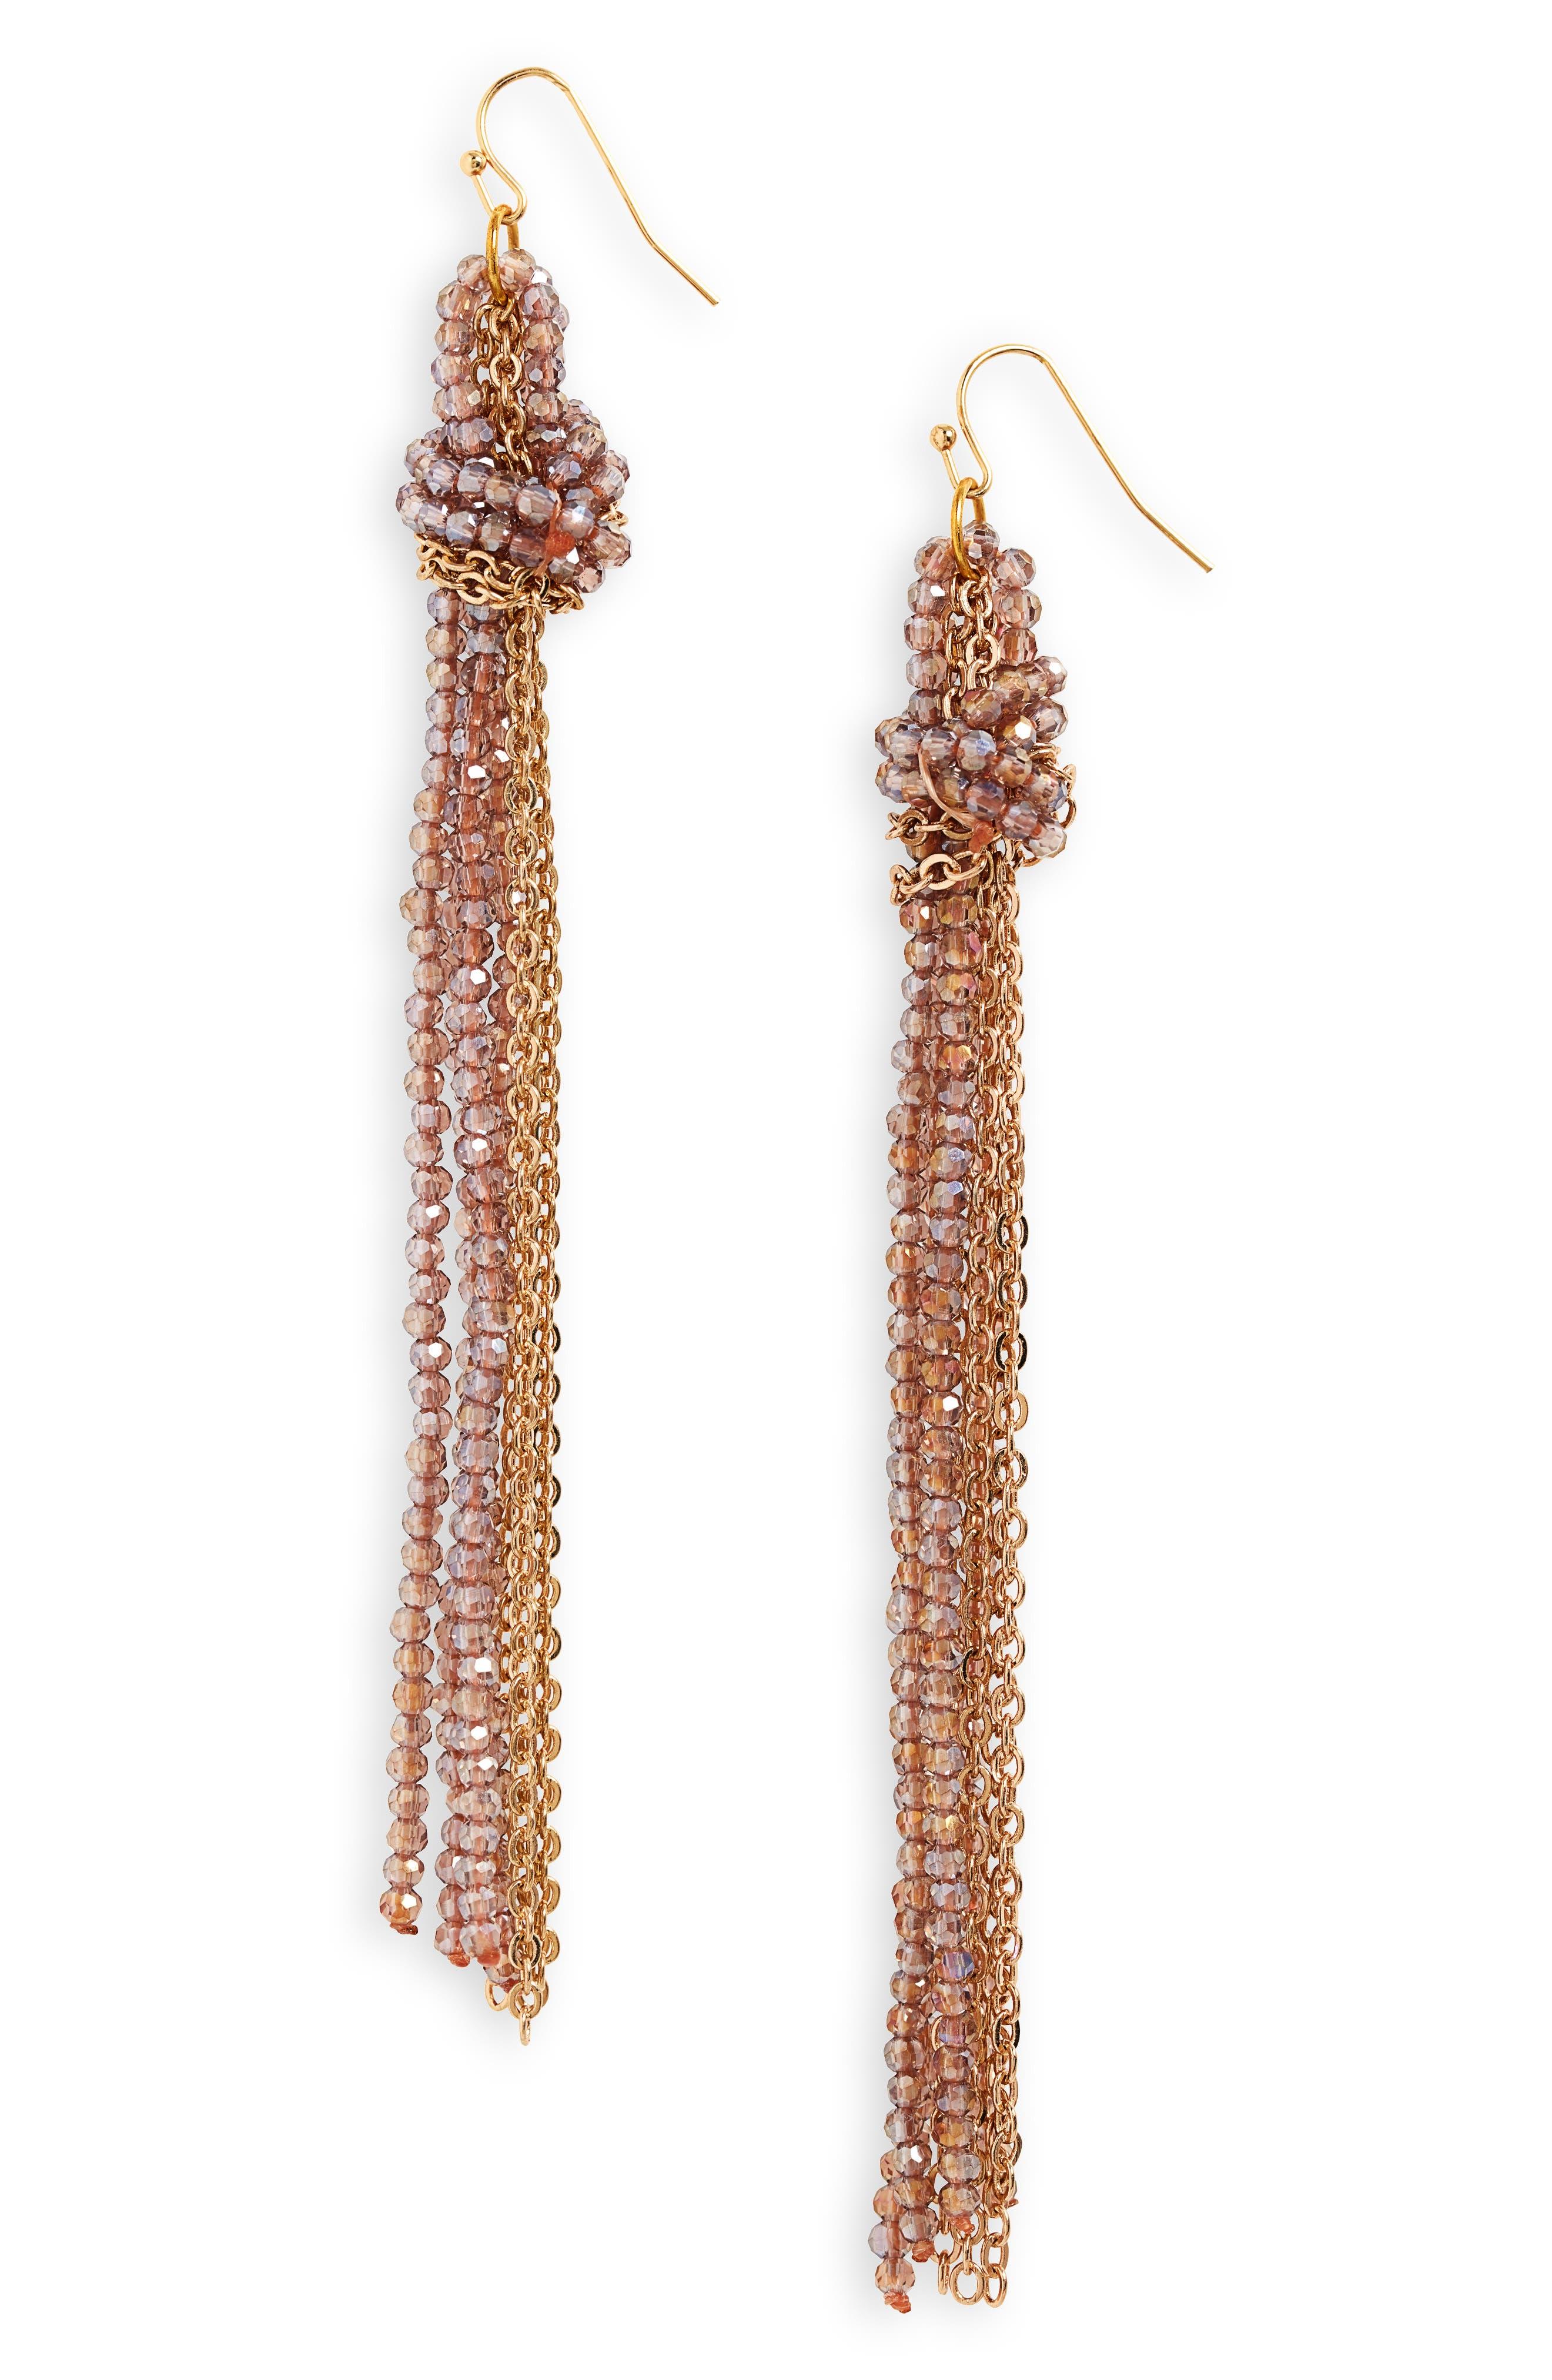 PANACEA Bead & Chain Drop Earrings in Gold